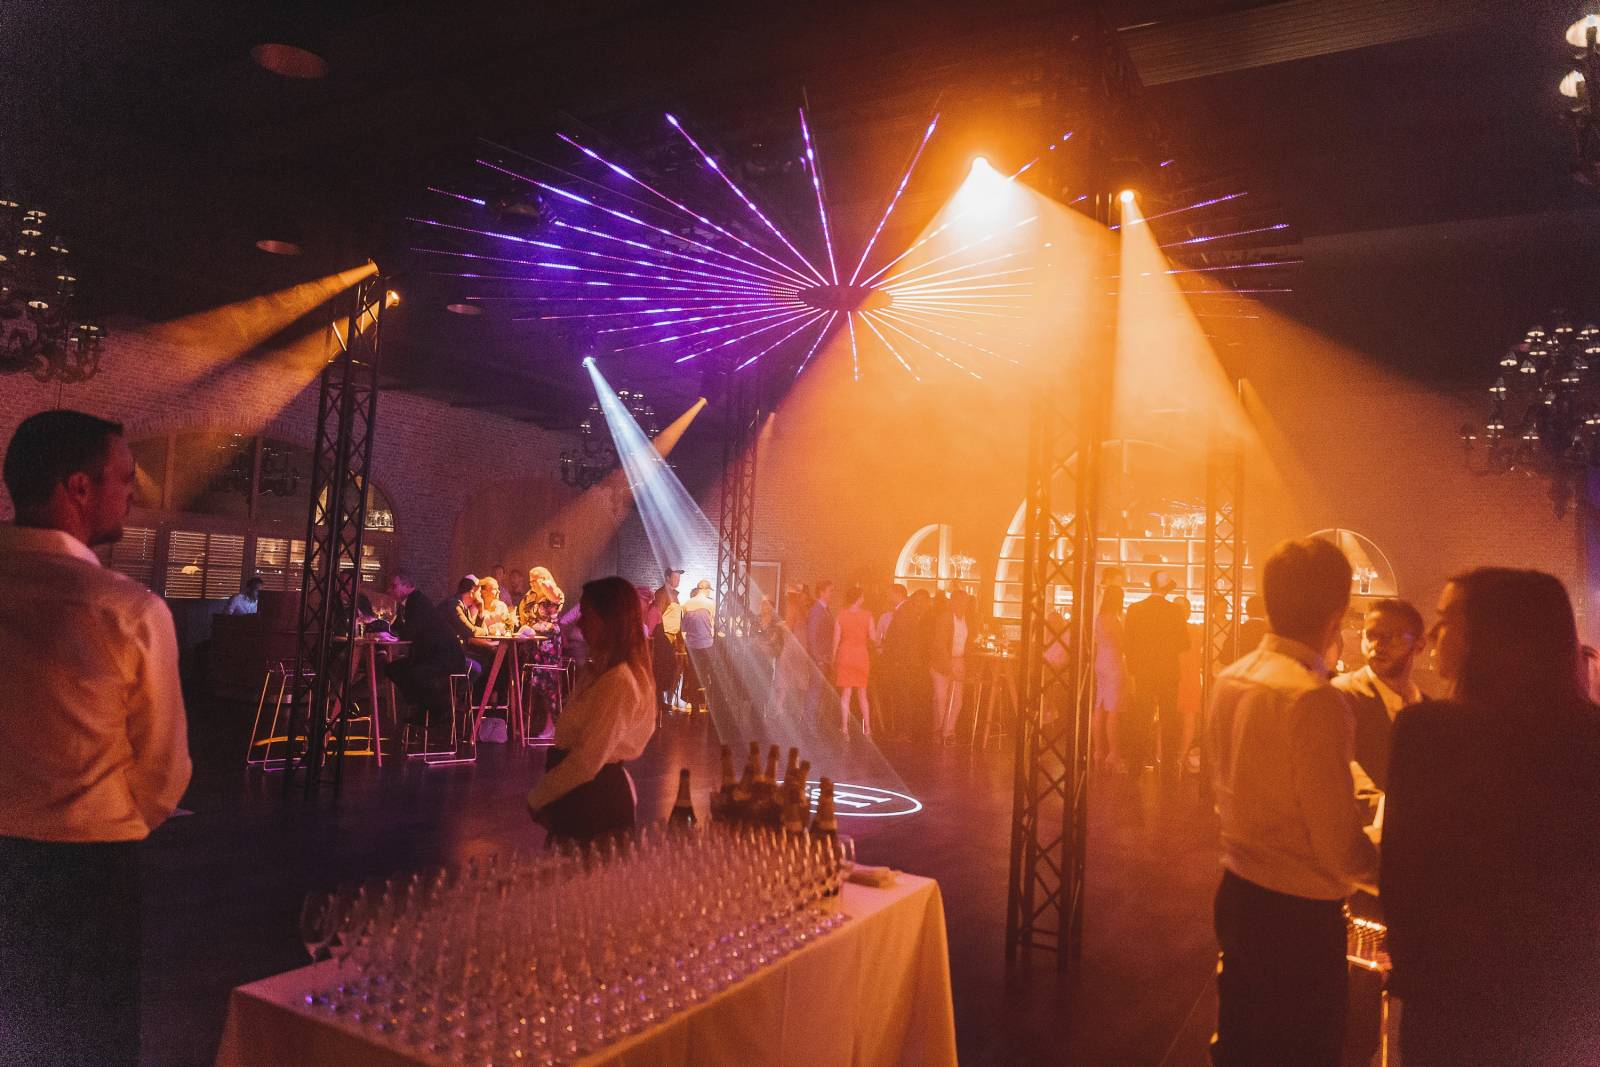 Het Bierkasteel - Feestzaal - Feestlocatie - Brouwerij - Restaurant - Industrieel - Izegem (West-Vlaanderen) - House of Events - 4